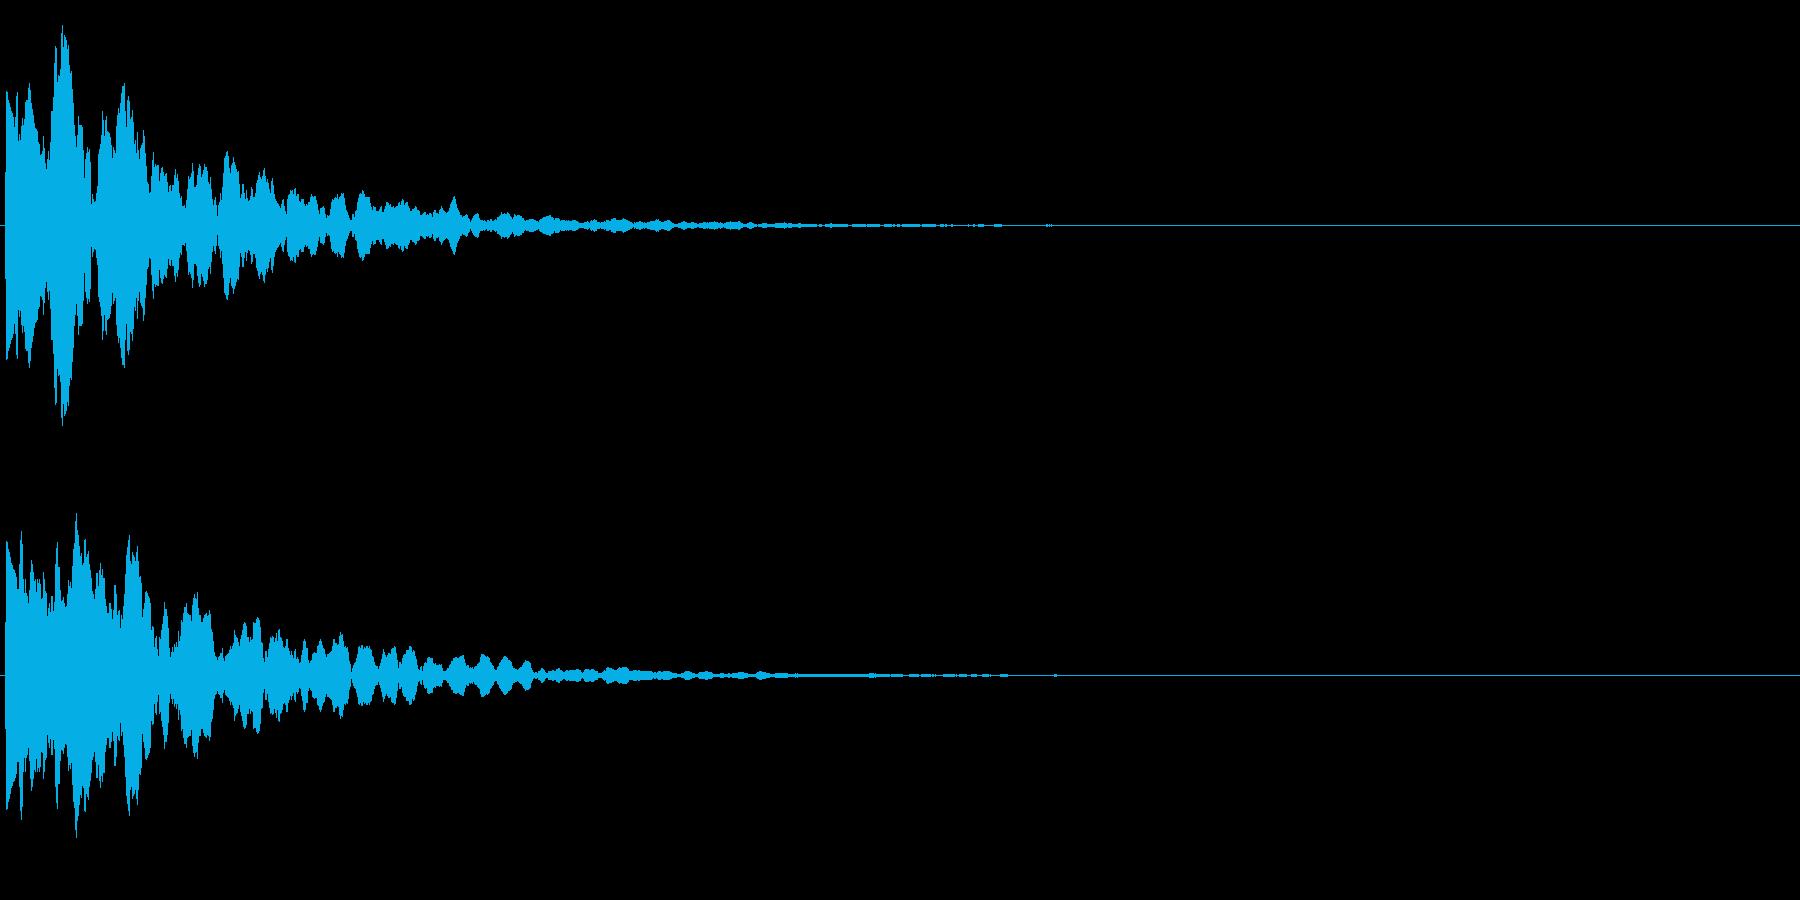 ゲームスタート、決定、ボタン音-055の再生済みの波形